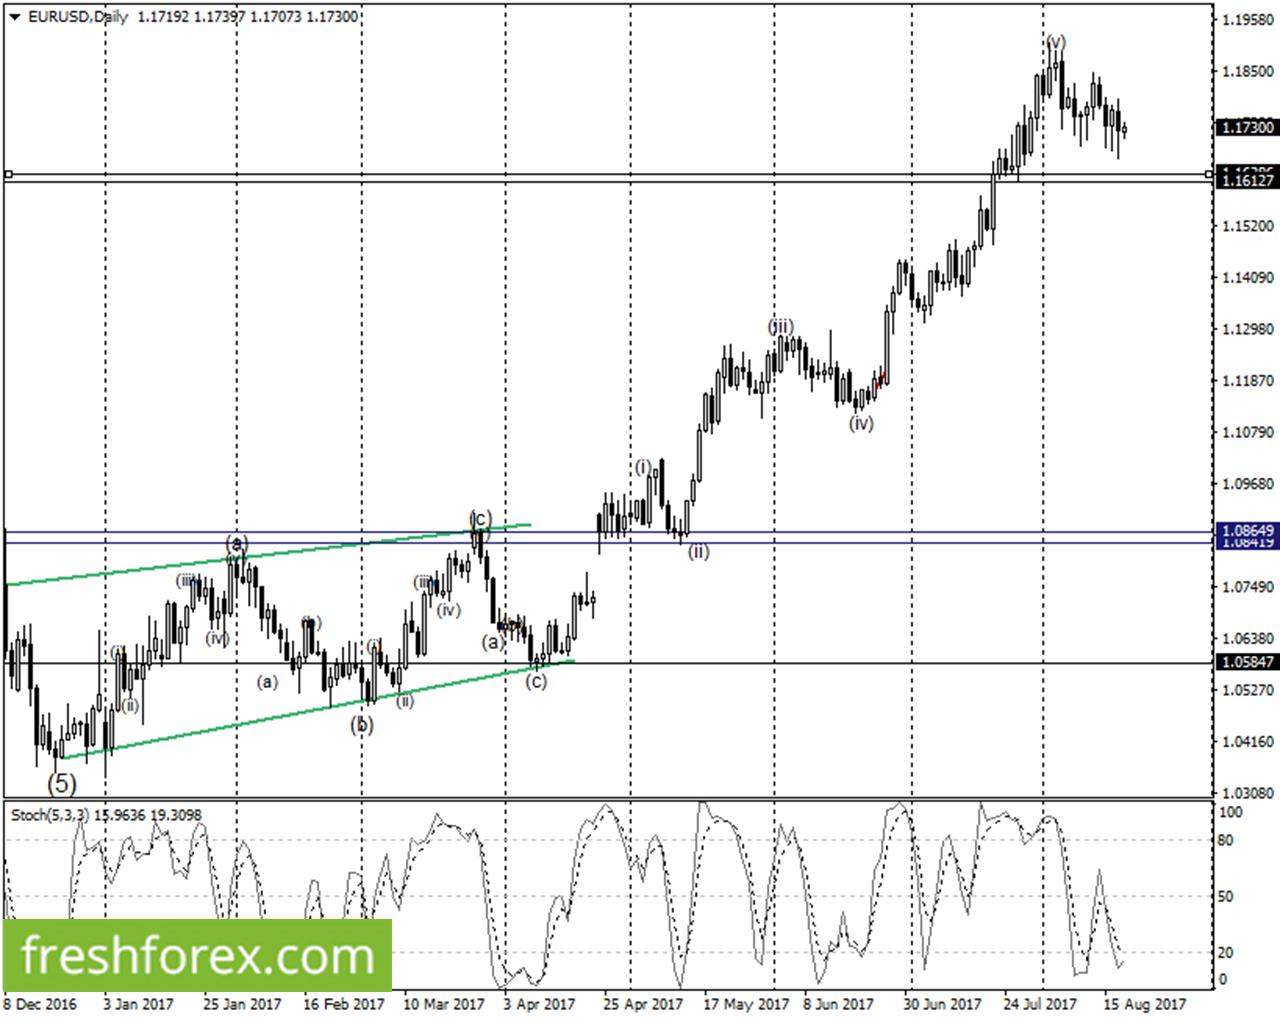 sell euro below 1.1627